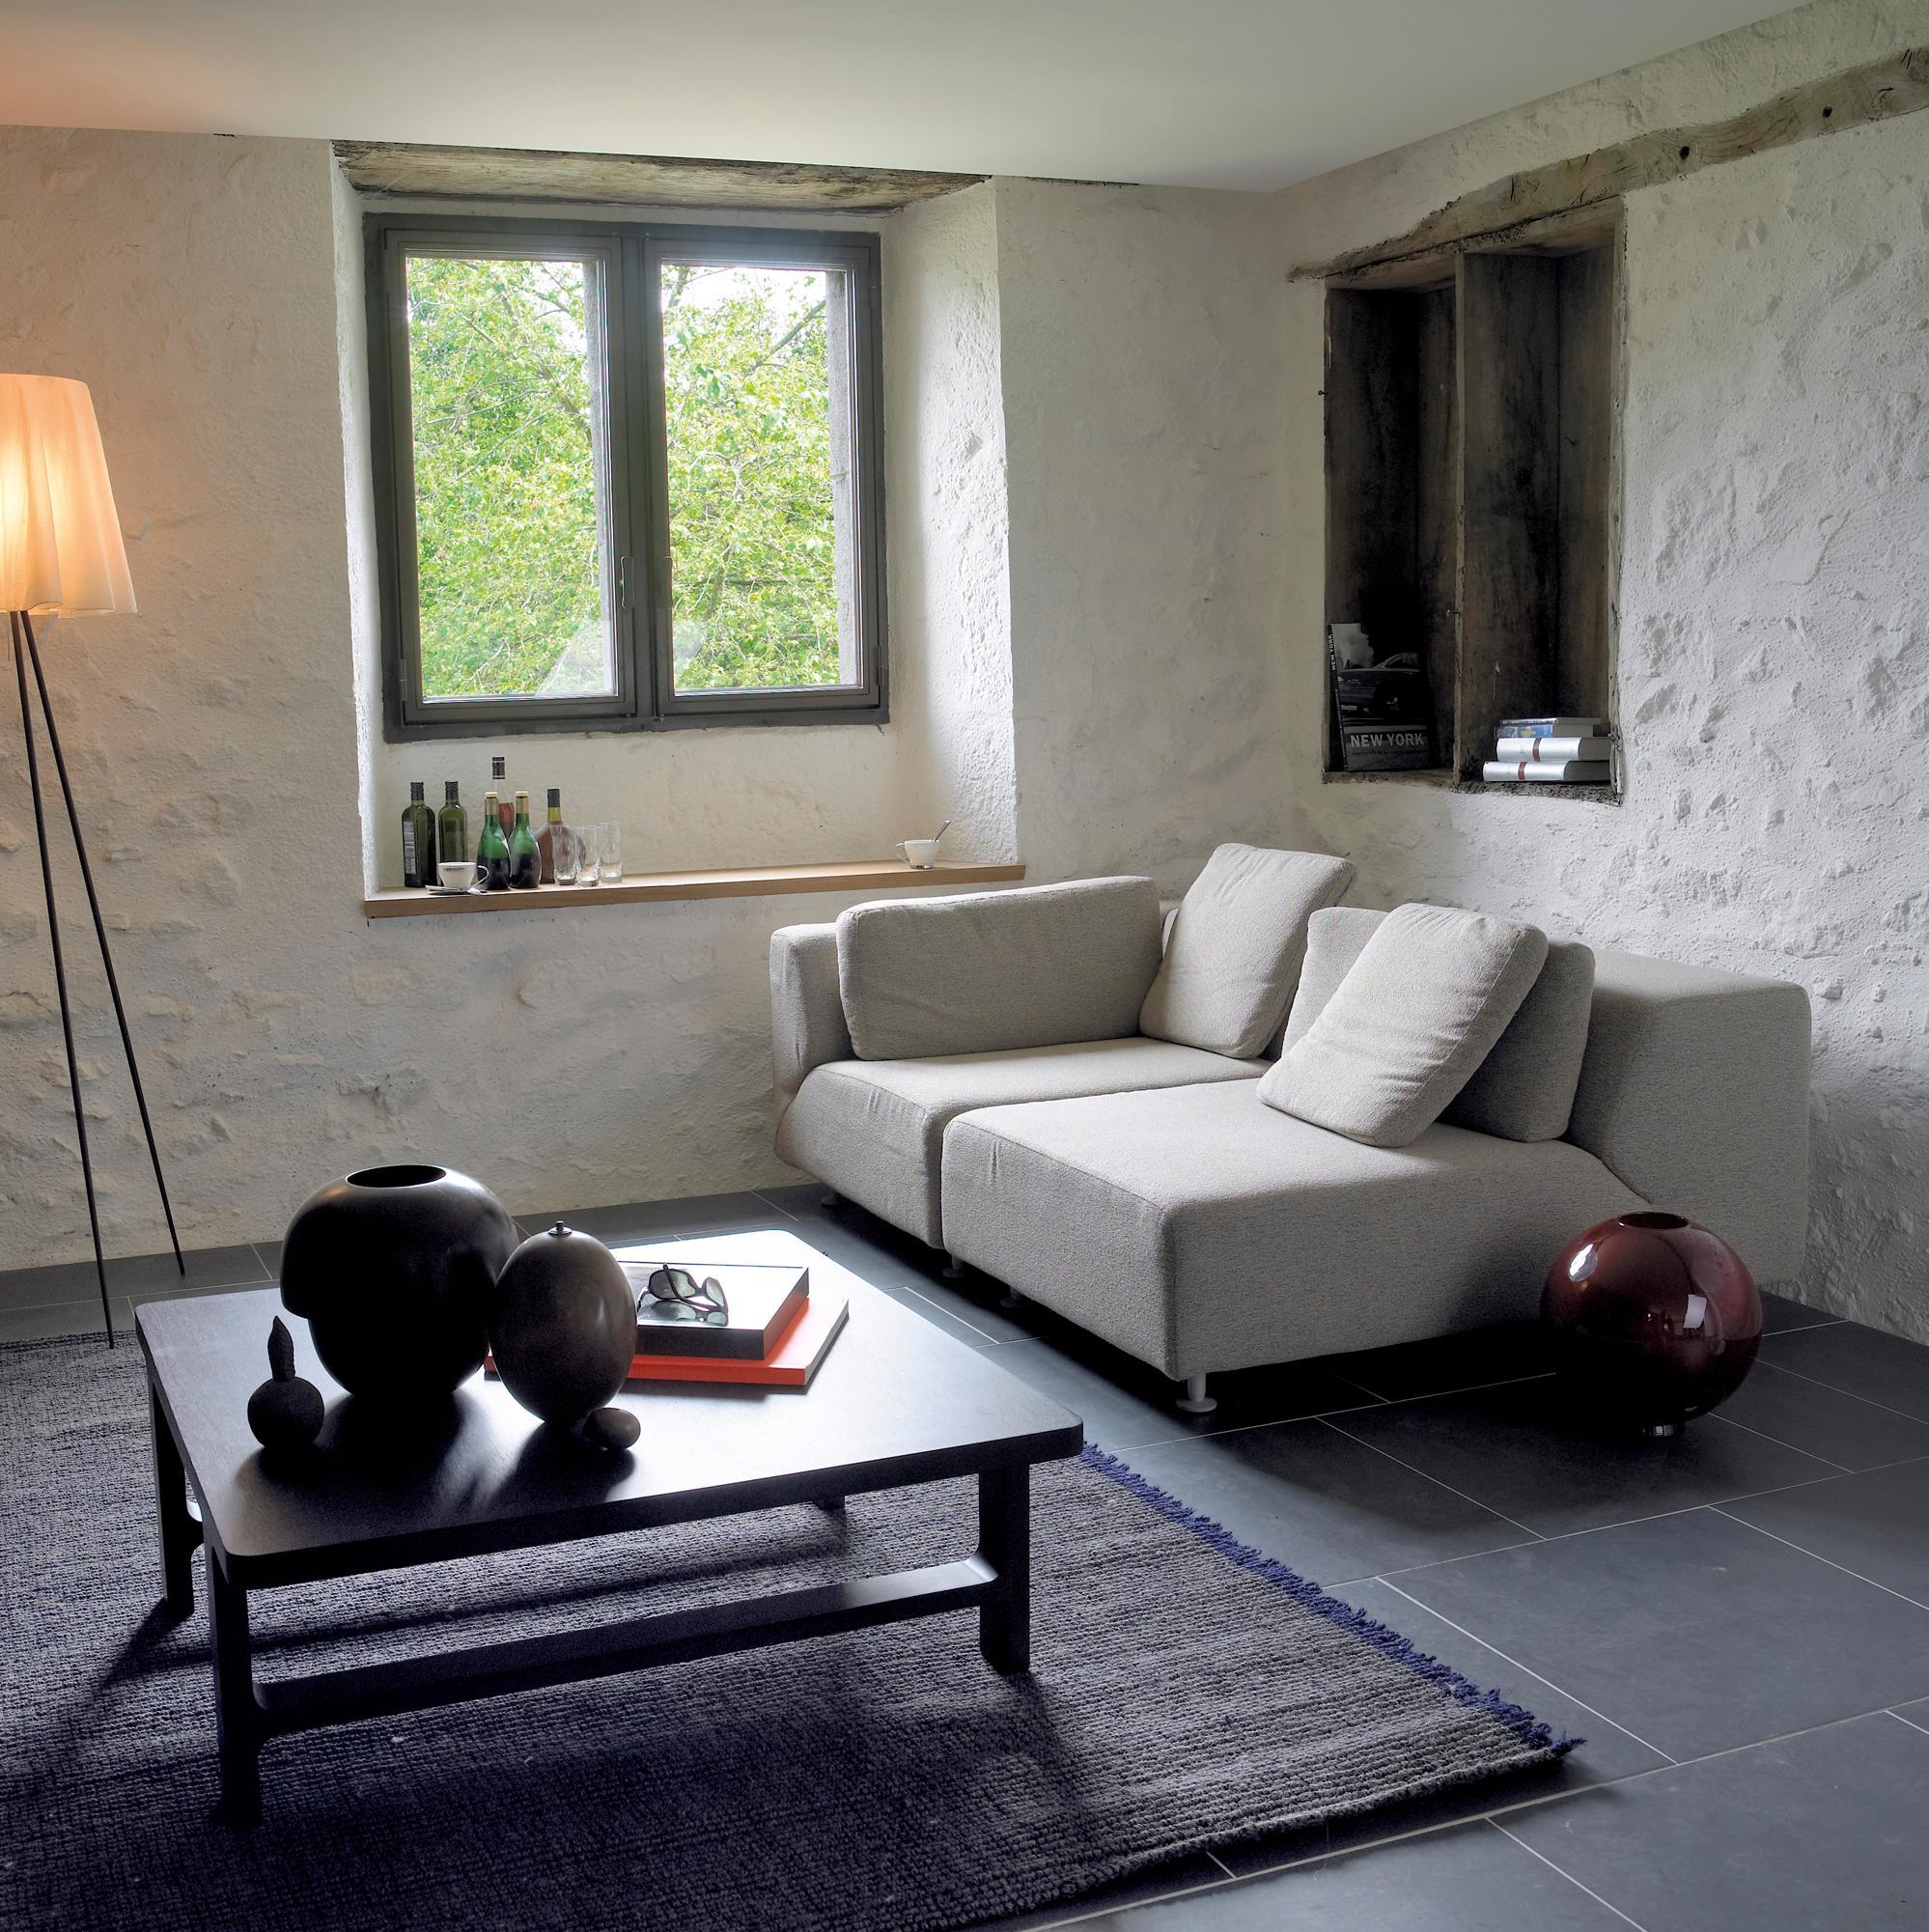 Klavier bilder ideen couchstyle for Wohnzimmer 20er jahre